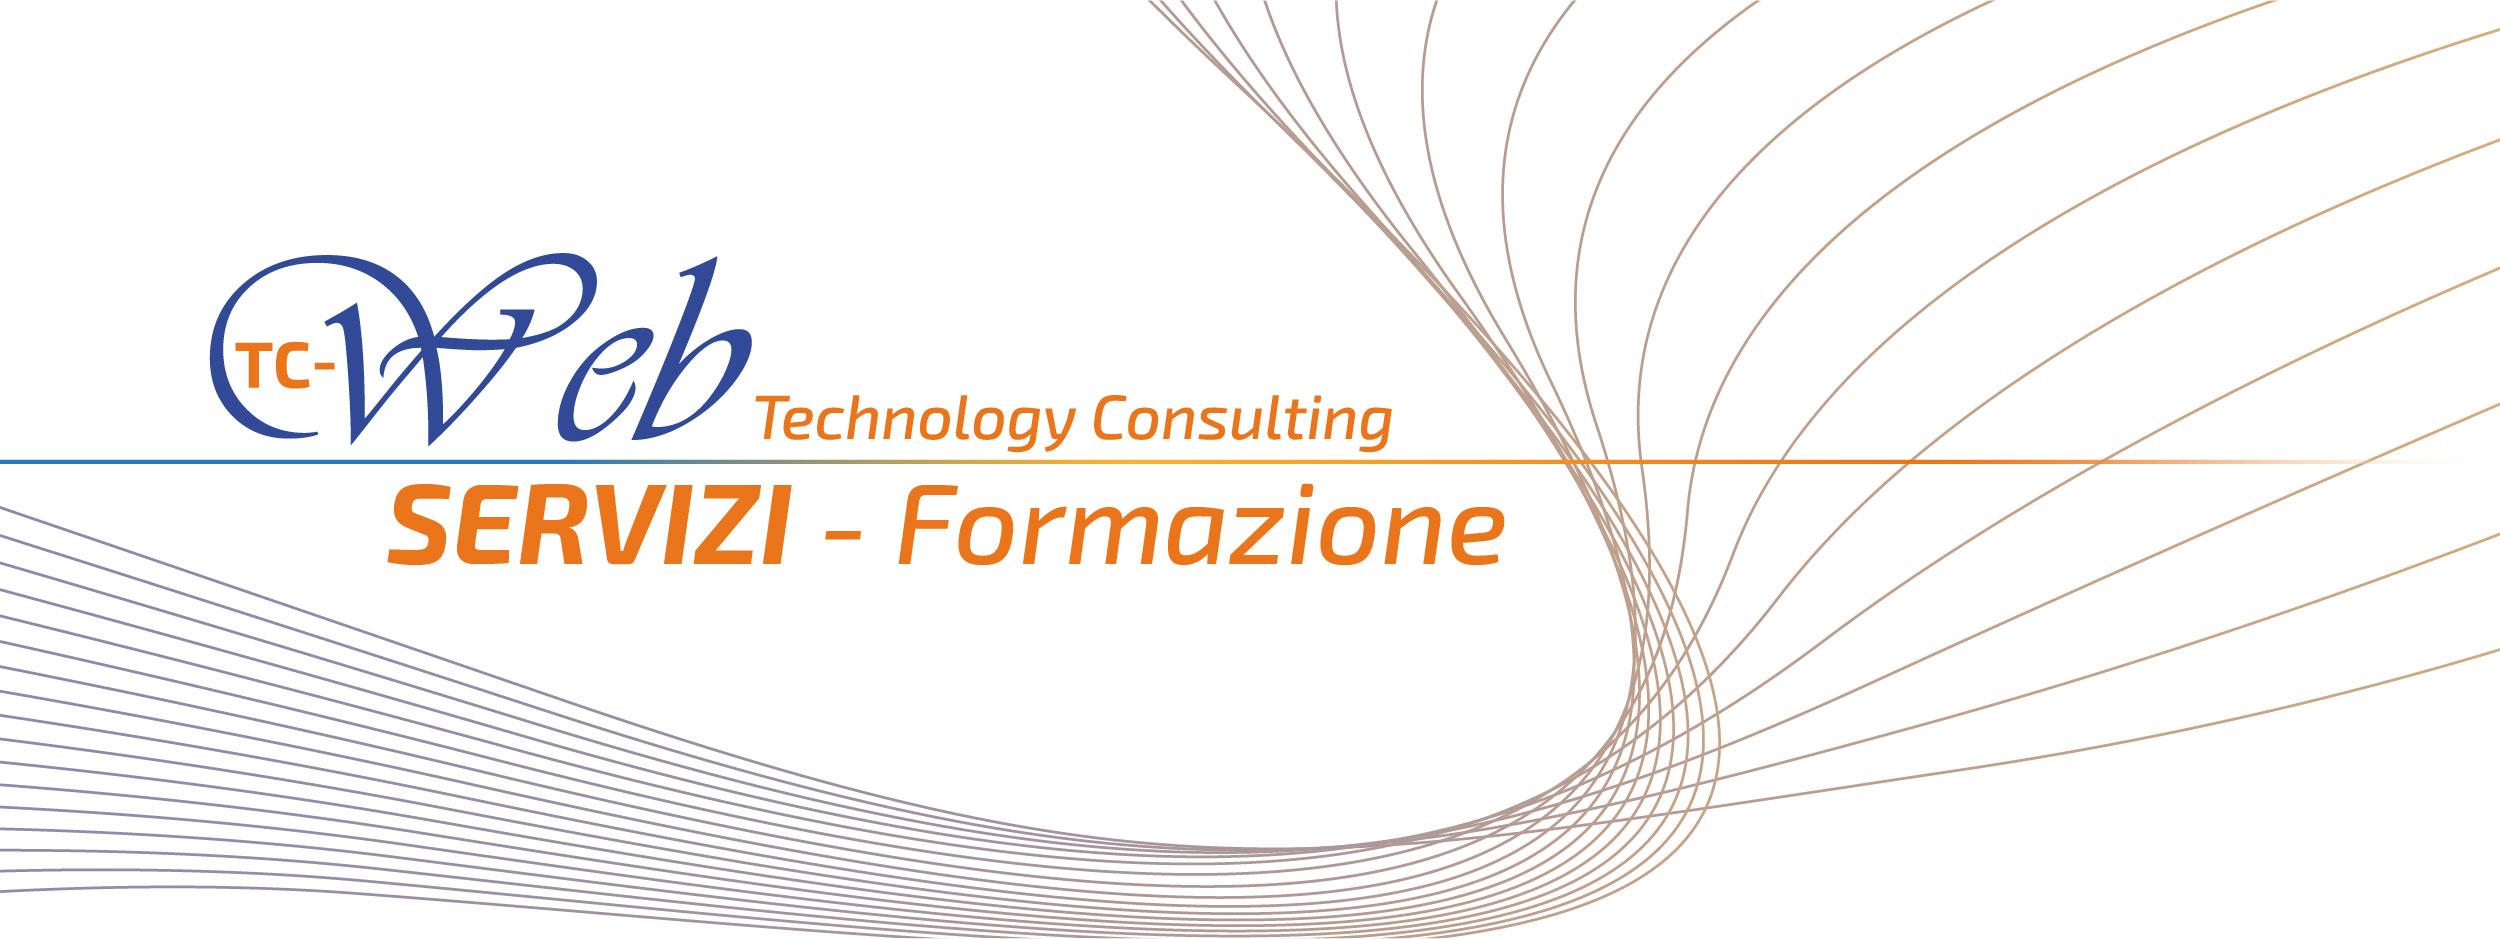 tc-web formazione